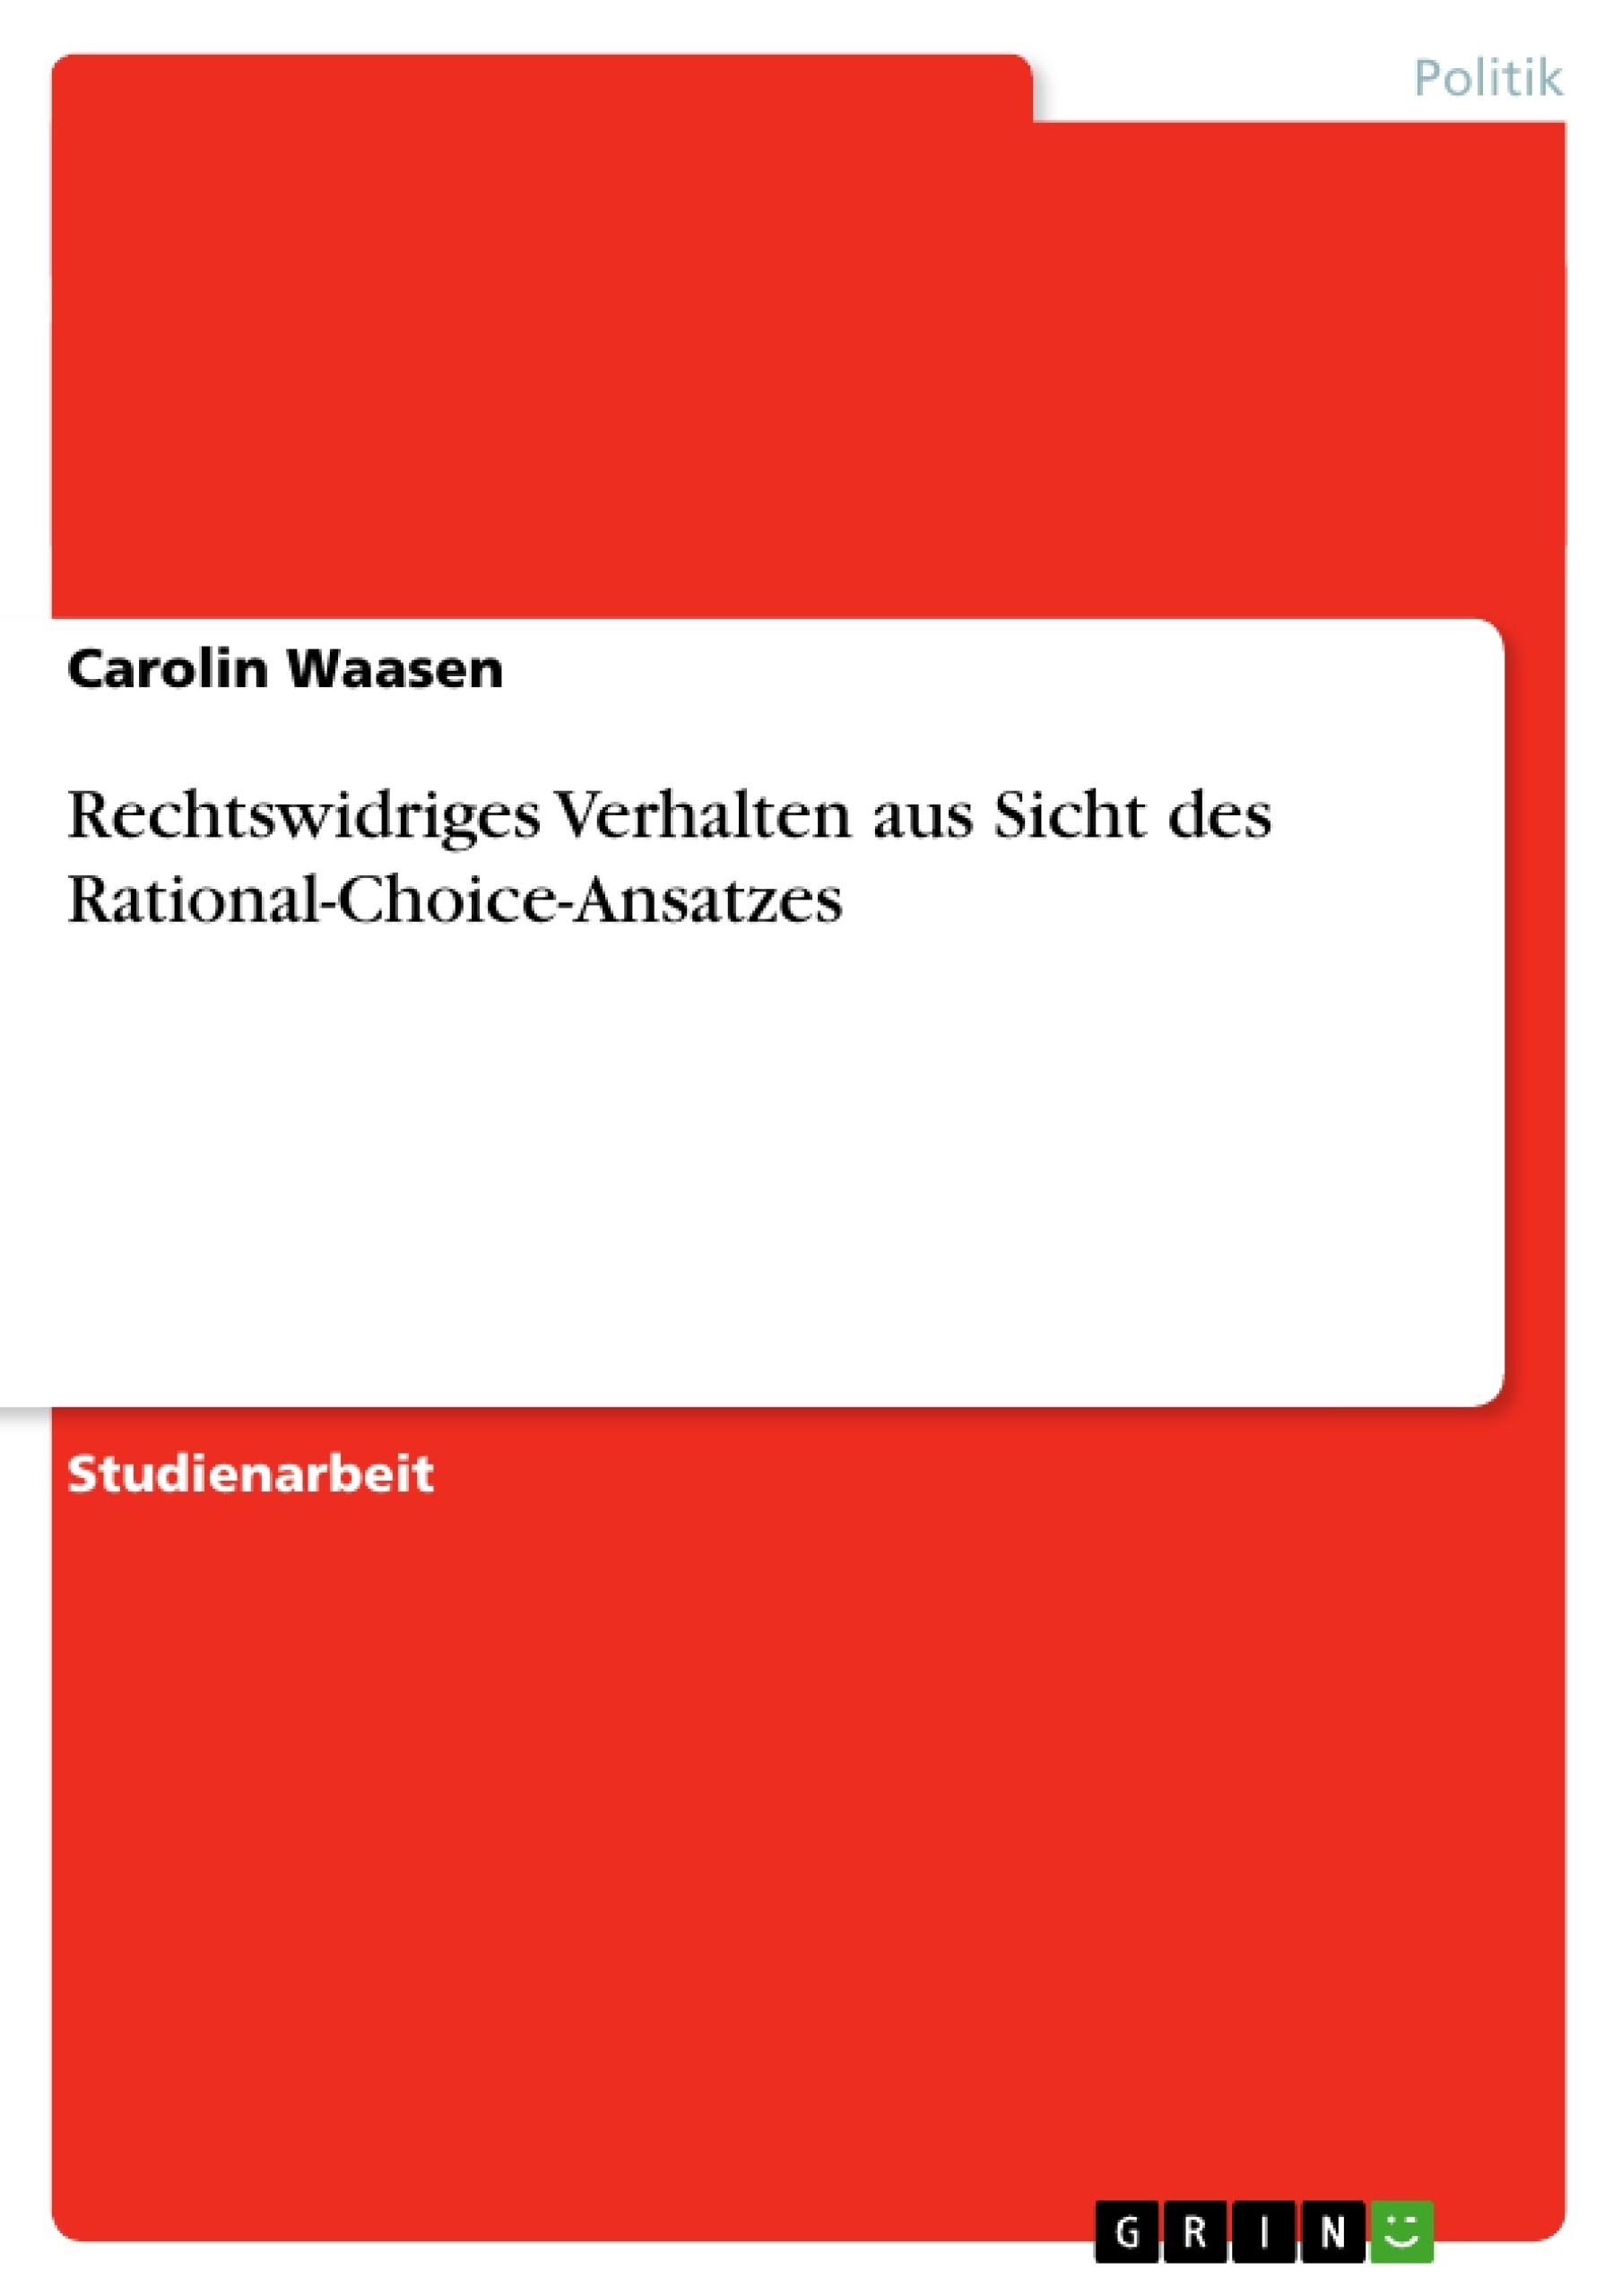 Titel: Rechtswidriges Verhalten aus Sicht des Rational-Choice-Ansatzes